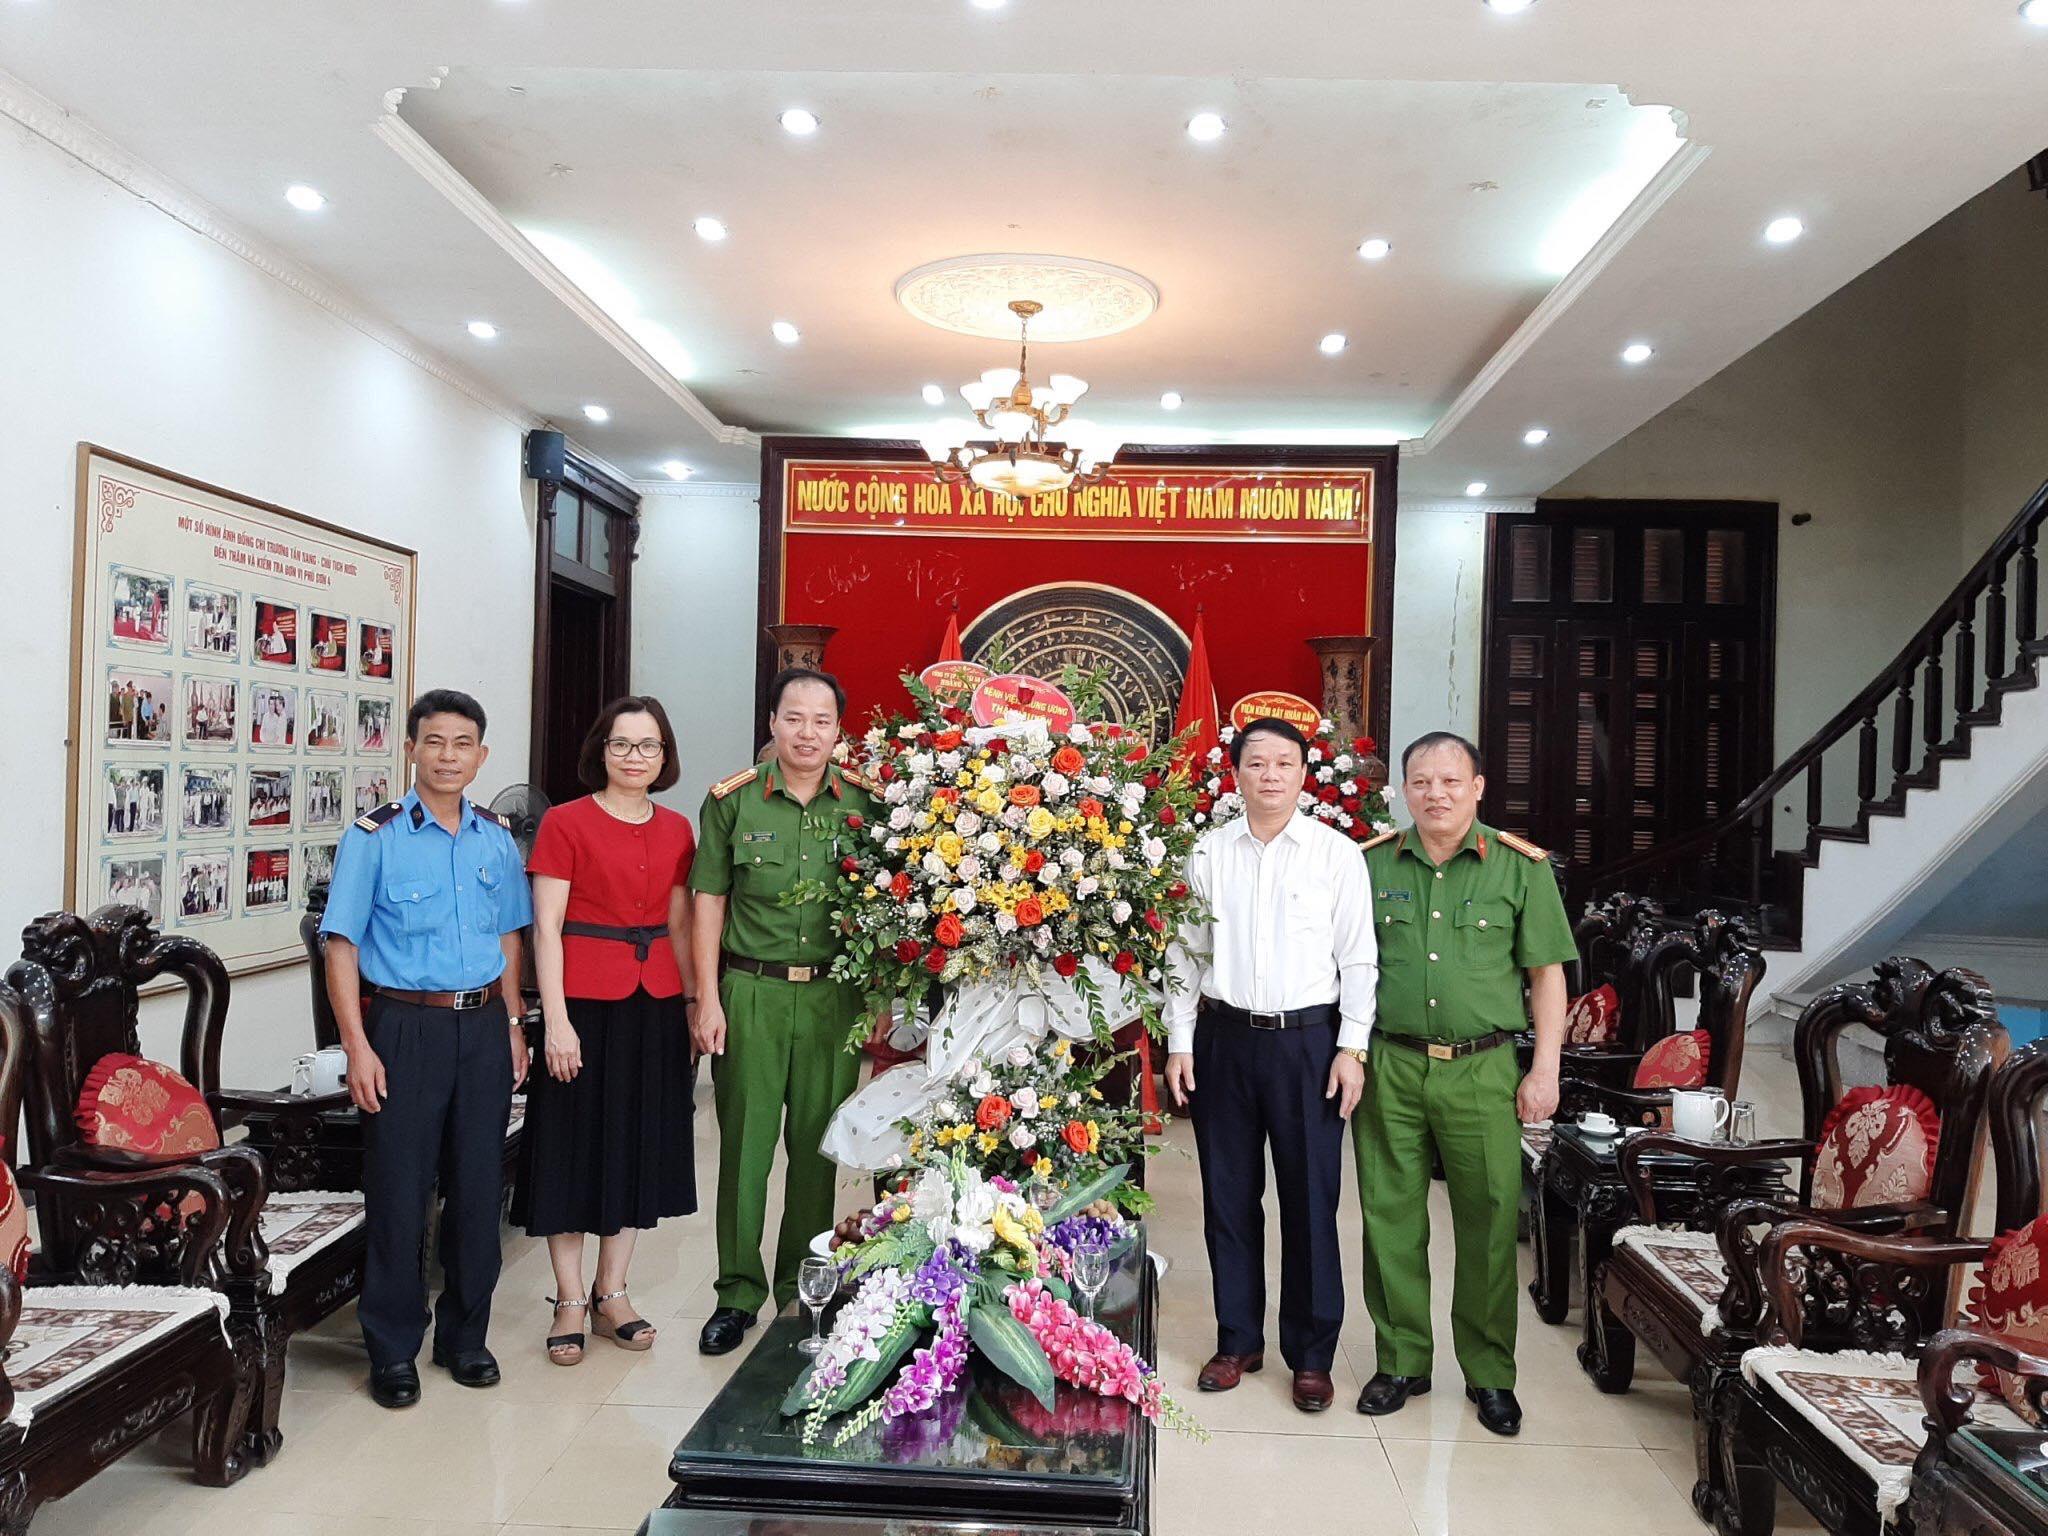 Chúc mừng 75 năm Ngày truyền thống Công an nhân dân Việt Nam